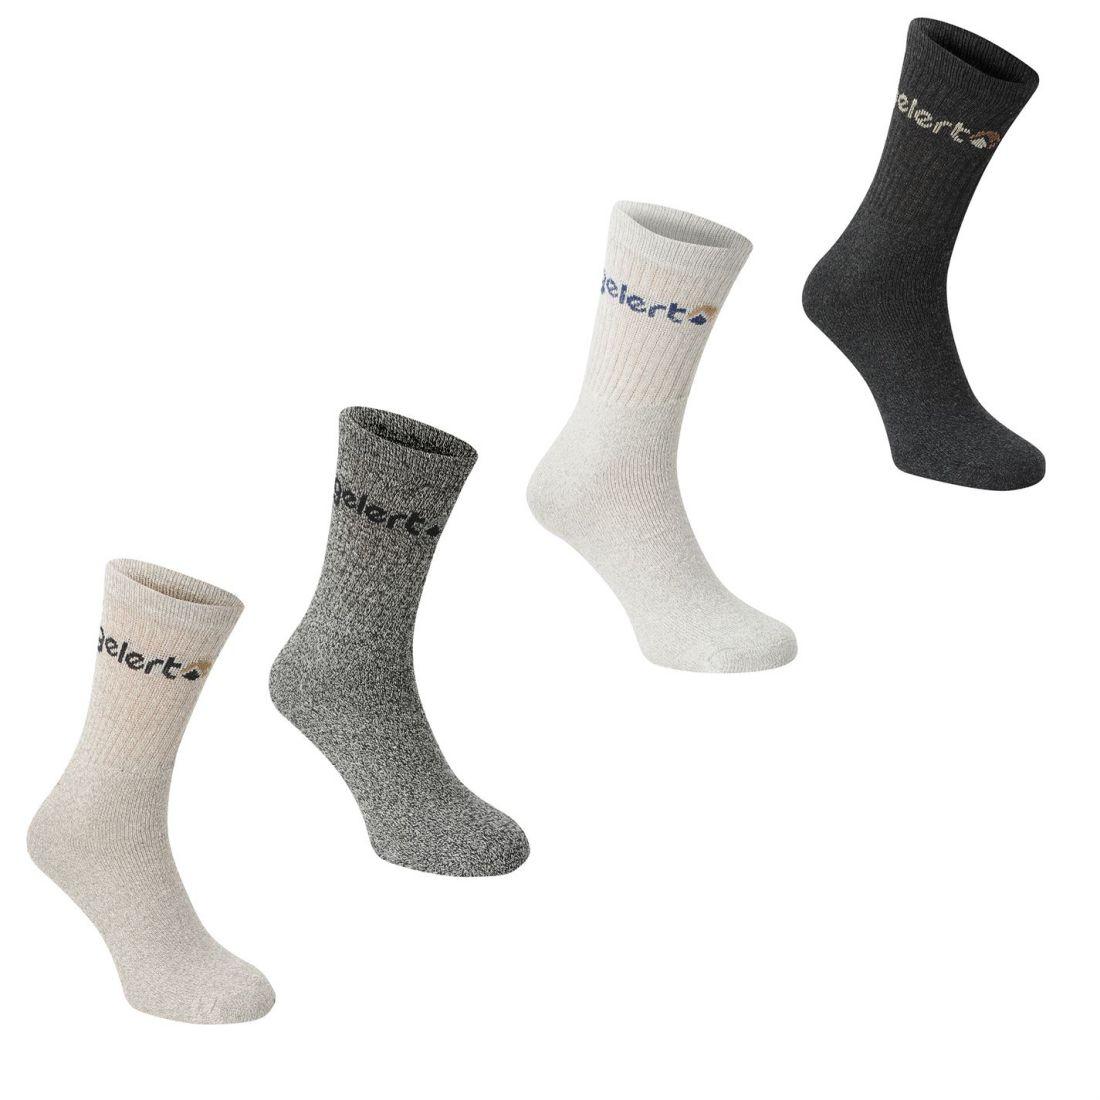 Gelert Walking Boot Sock 4 Pack Uomo Gents Calze Maglieria